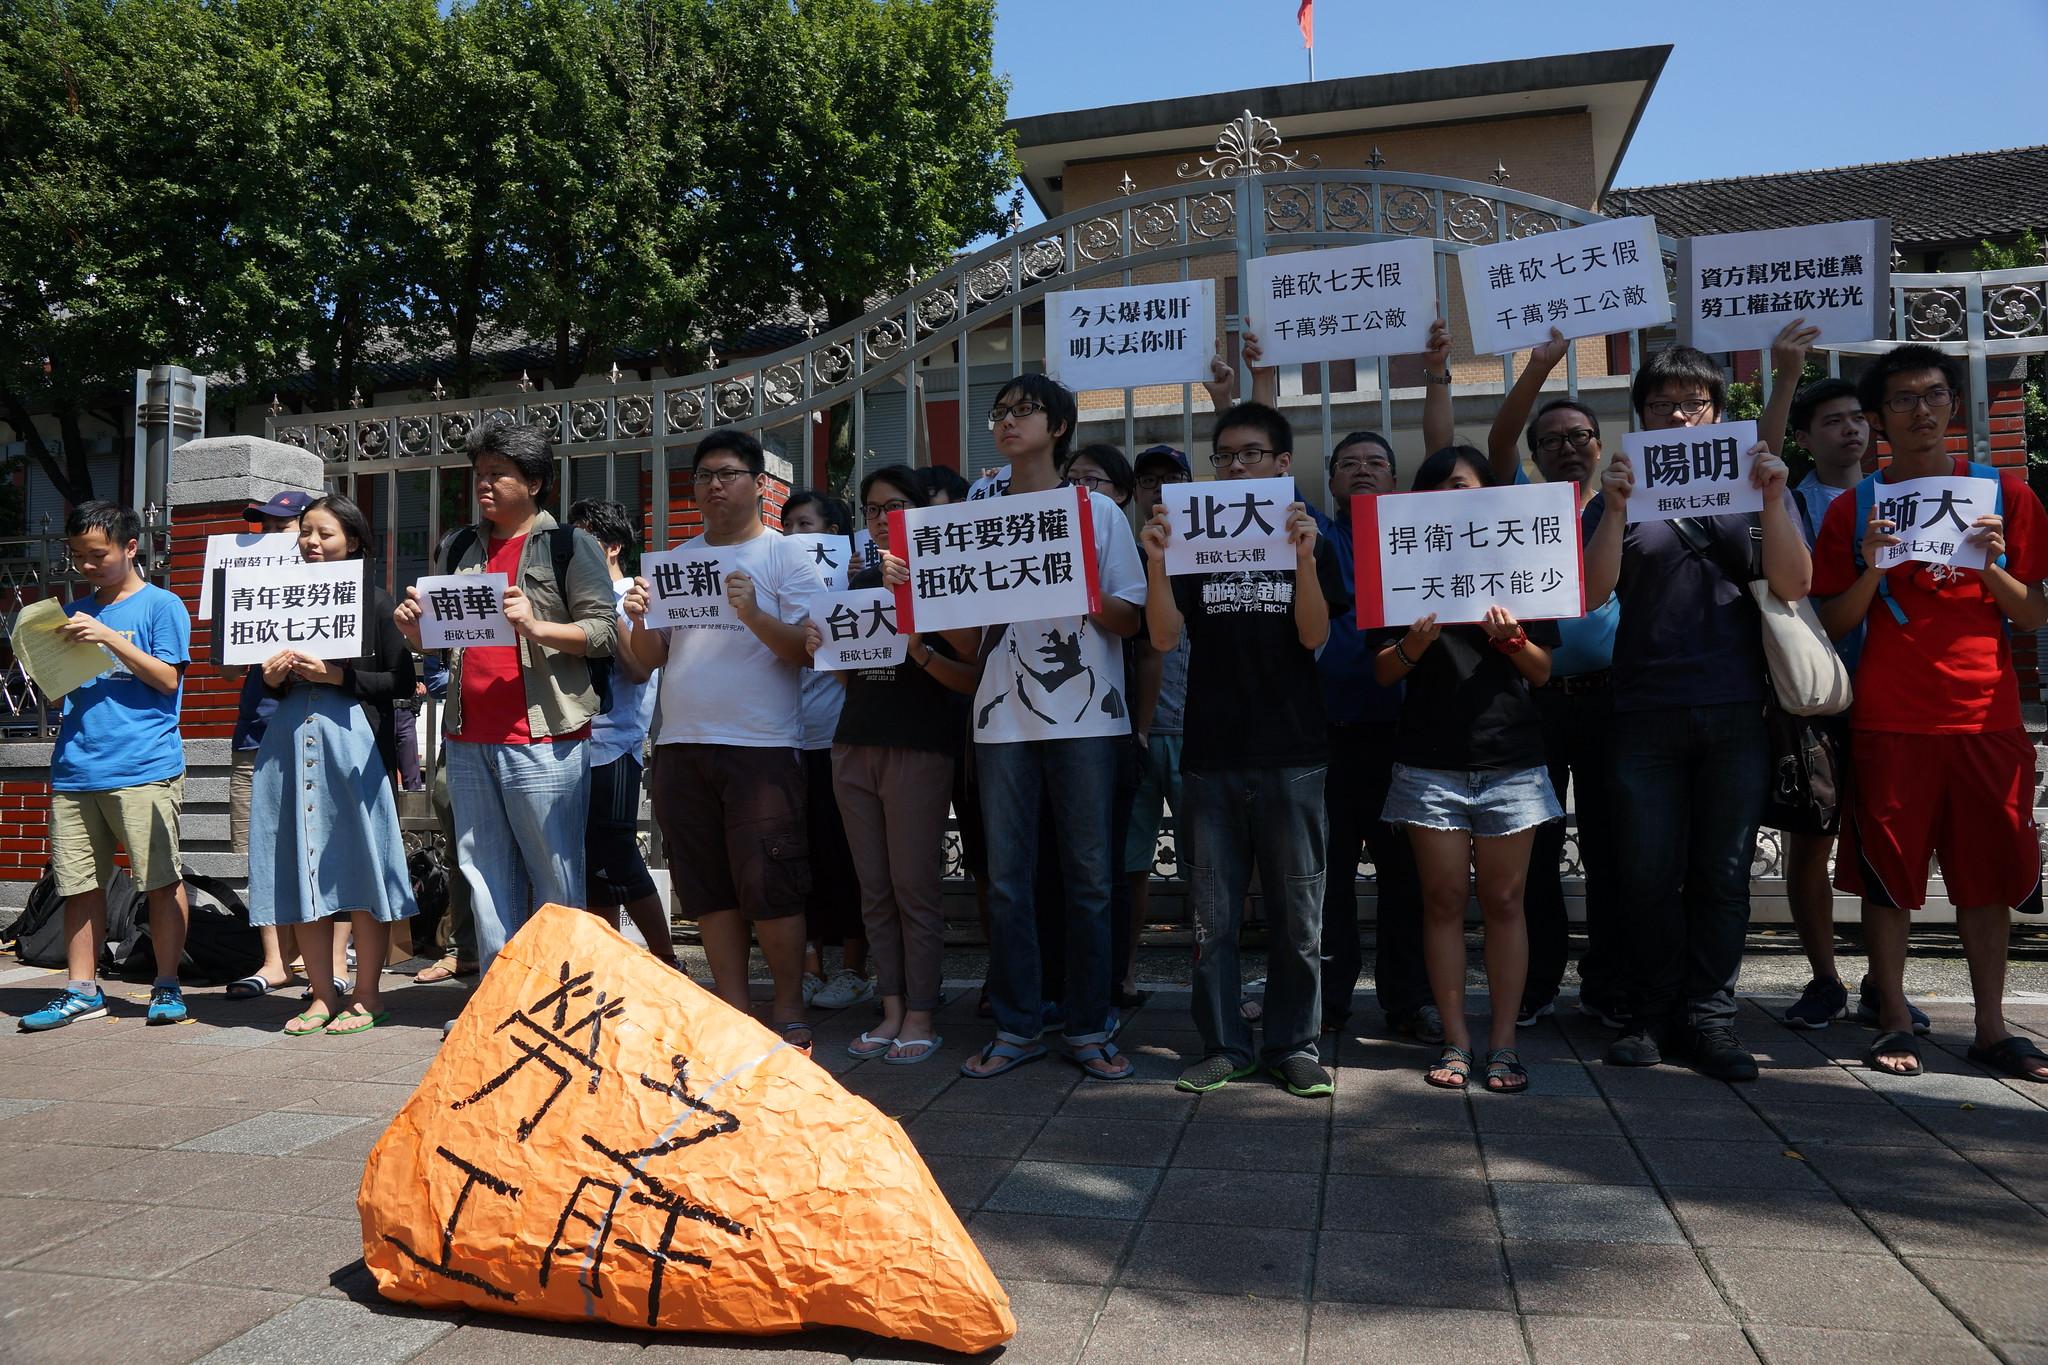 各校学生打工族赴立院诉求反砍七天假。(摄影:王颢中)